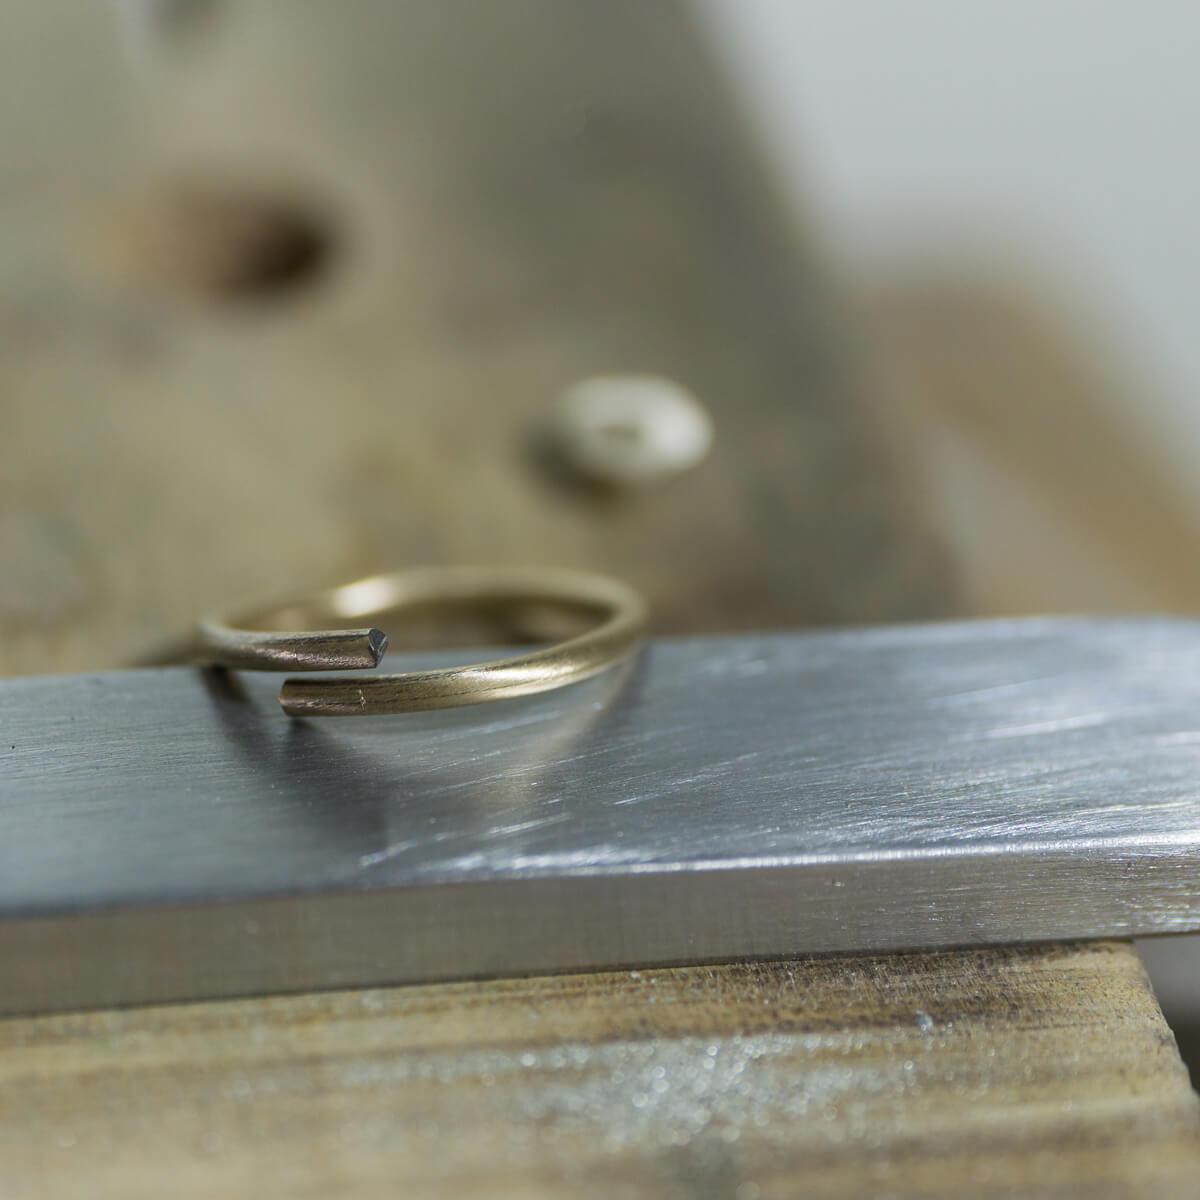 オーダーメイド結婚指輪の制作風景 ジュエリーのアトリエ シャンパンゴールド 指輪 屋久島でつくる結婚指輪